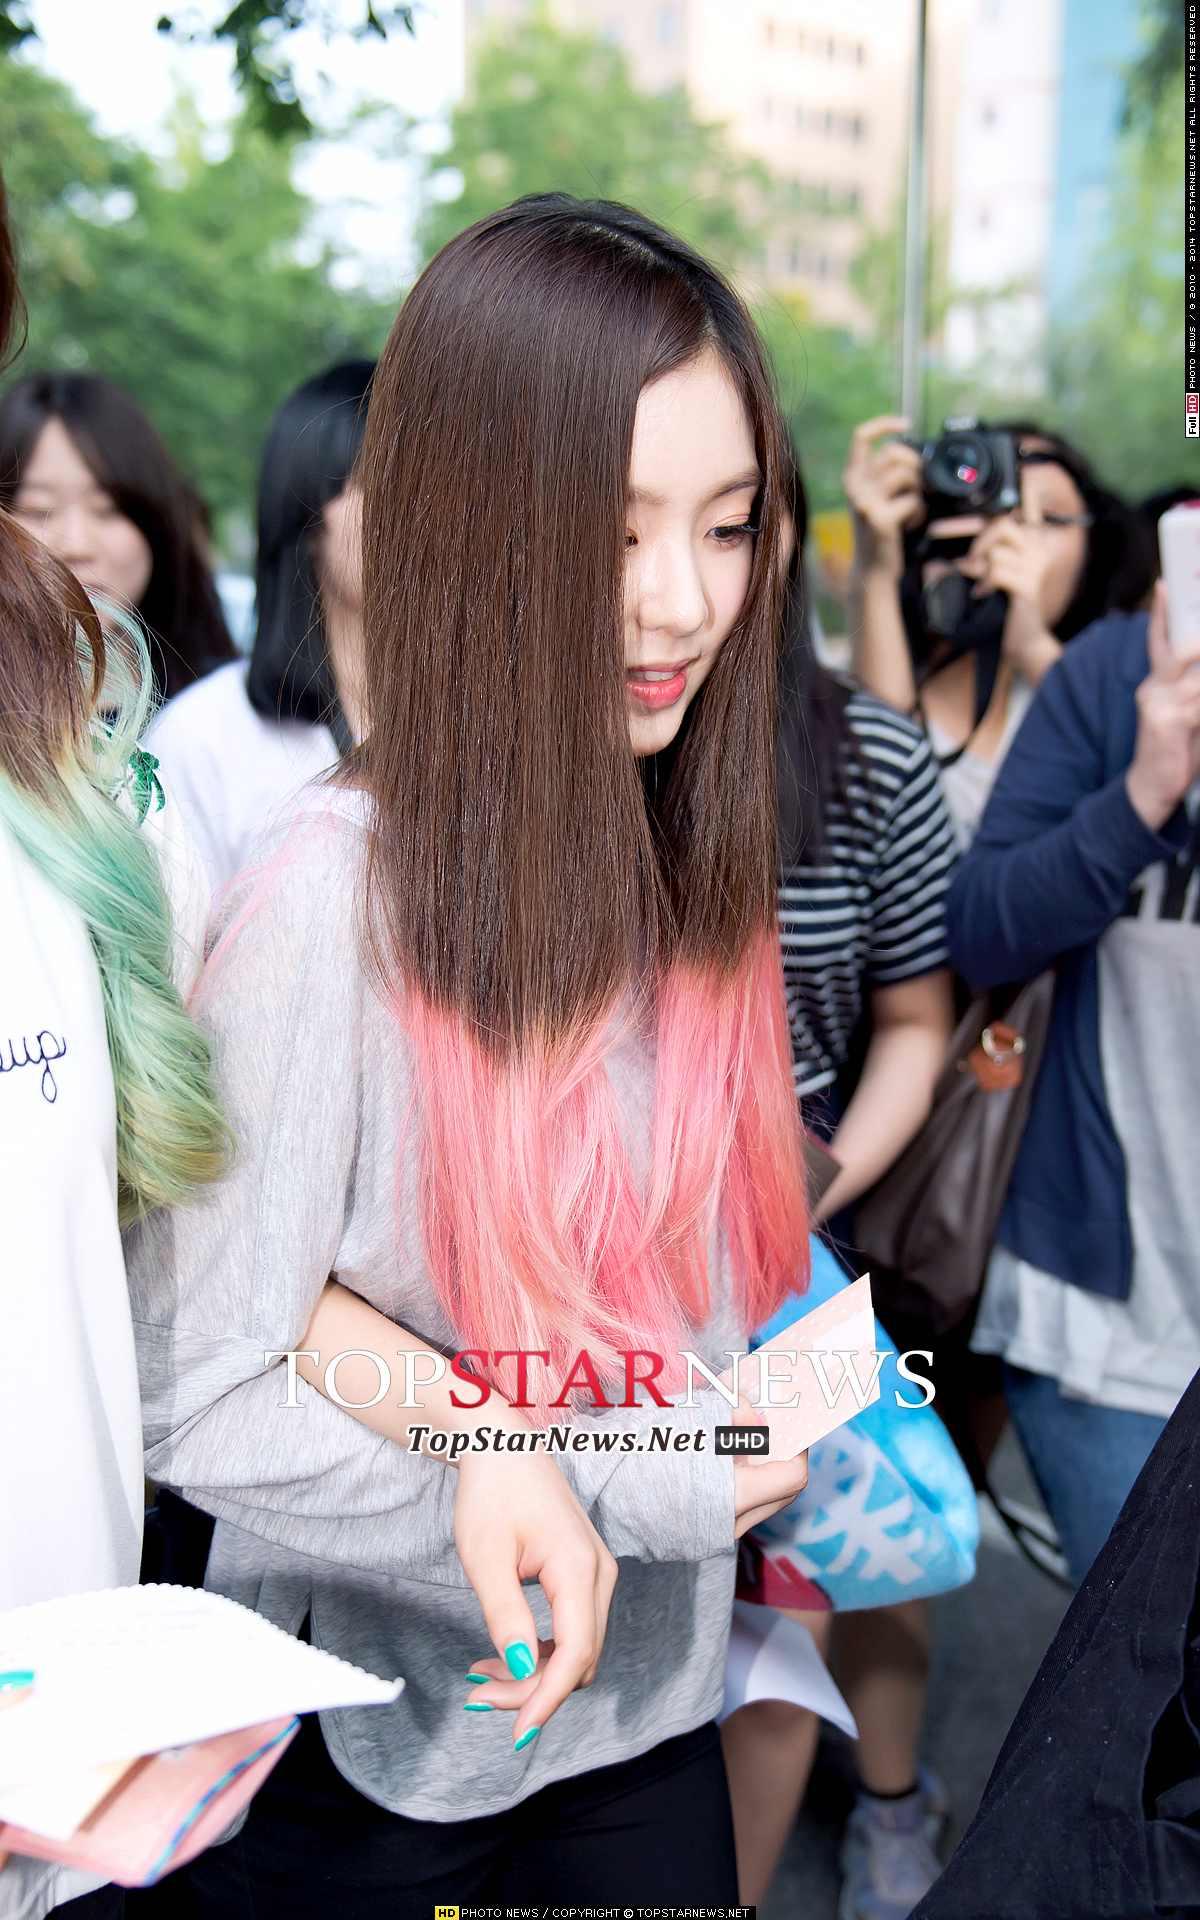 有粉絲發現Irene走路時都會低頭看地版,不太常抬頭走路~